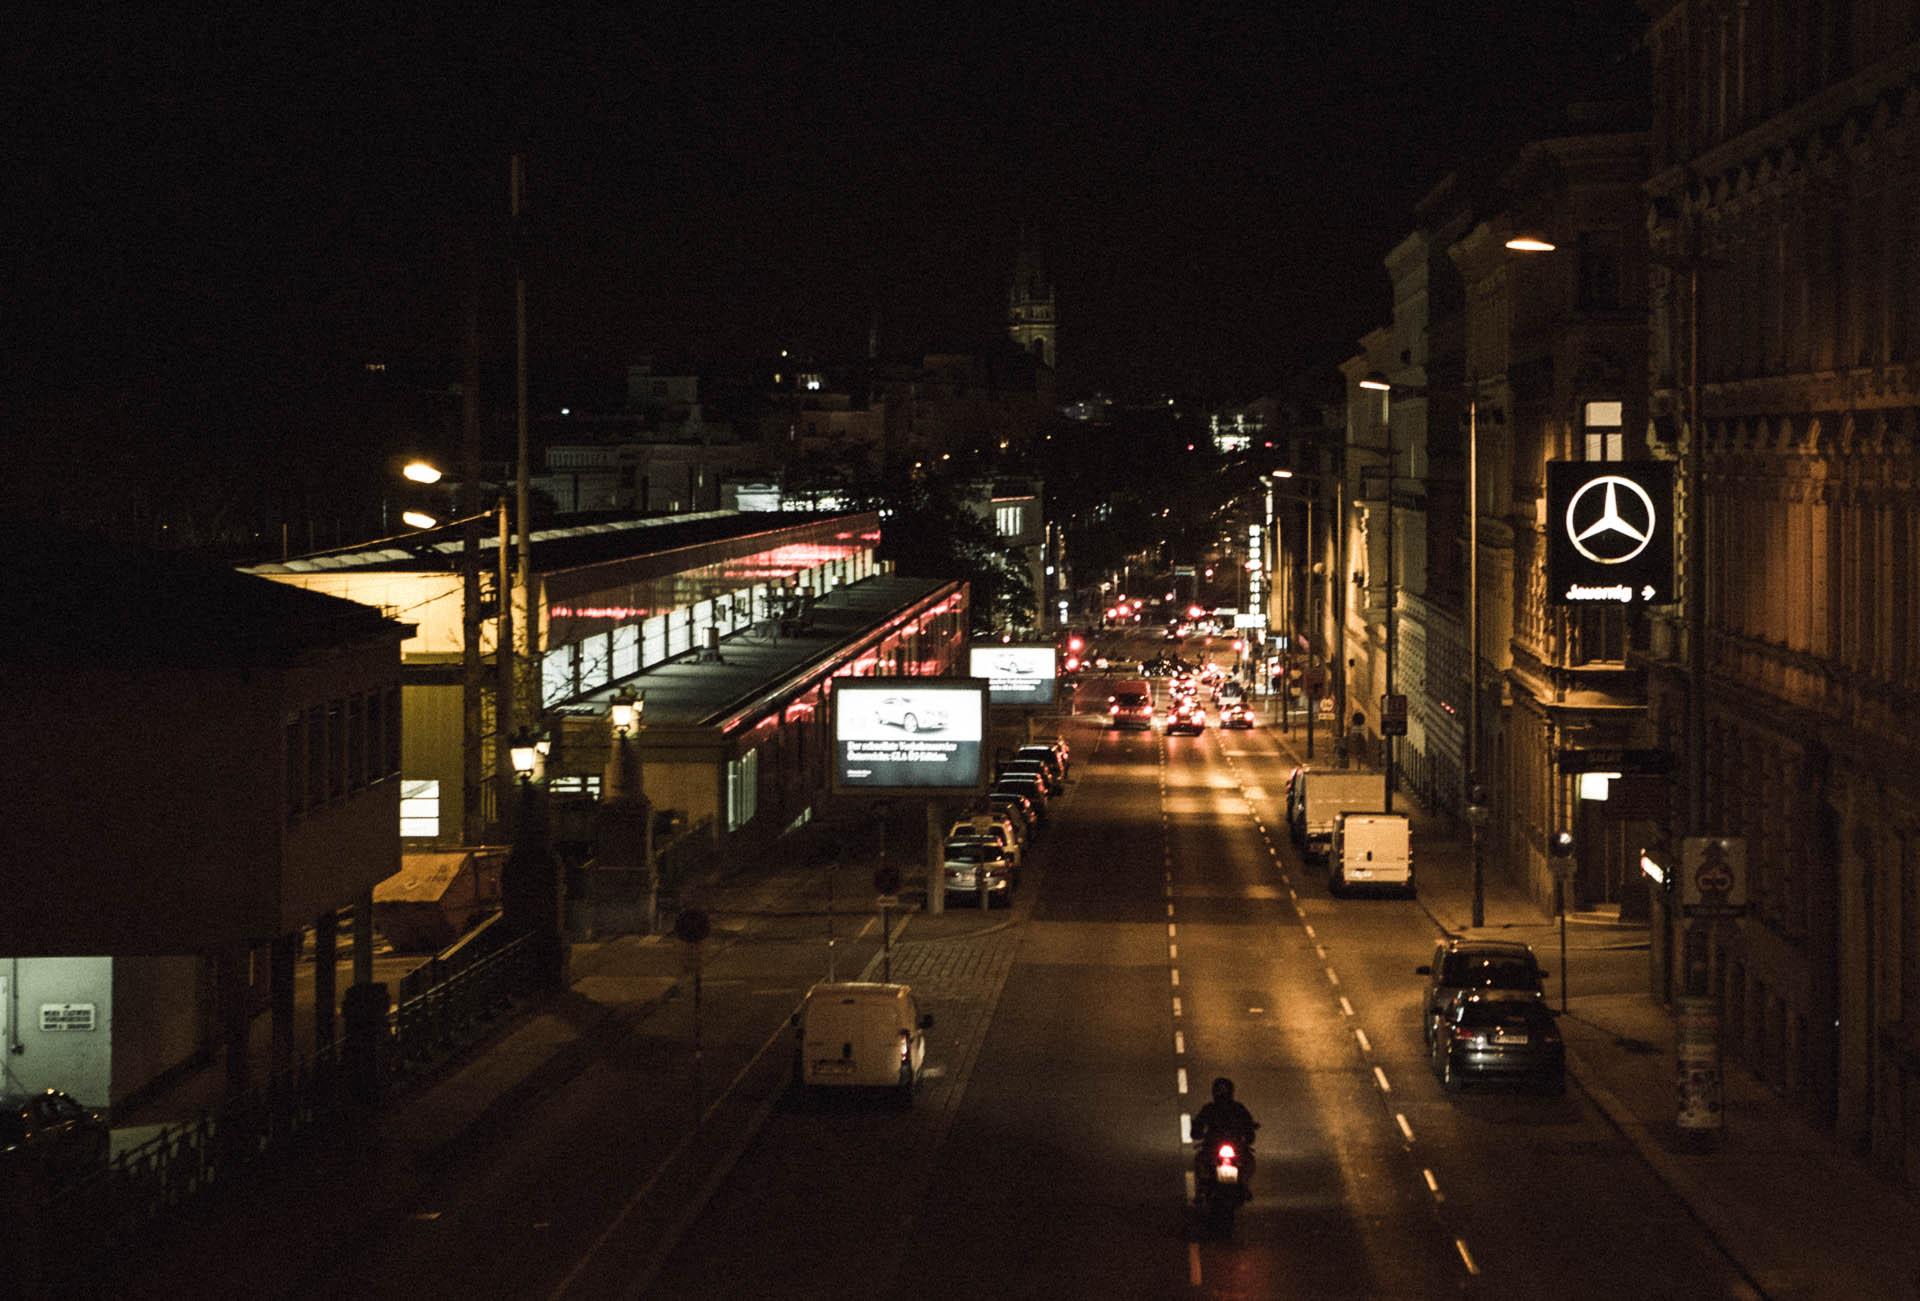 Photo by Pascal Sommer - Währinger Gürtel at night